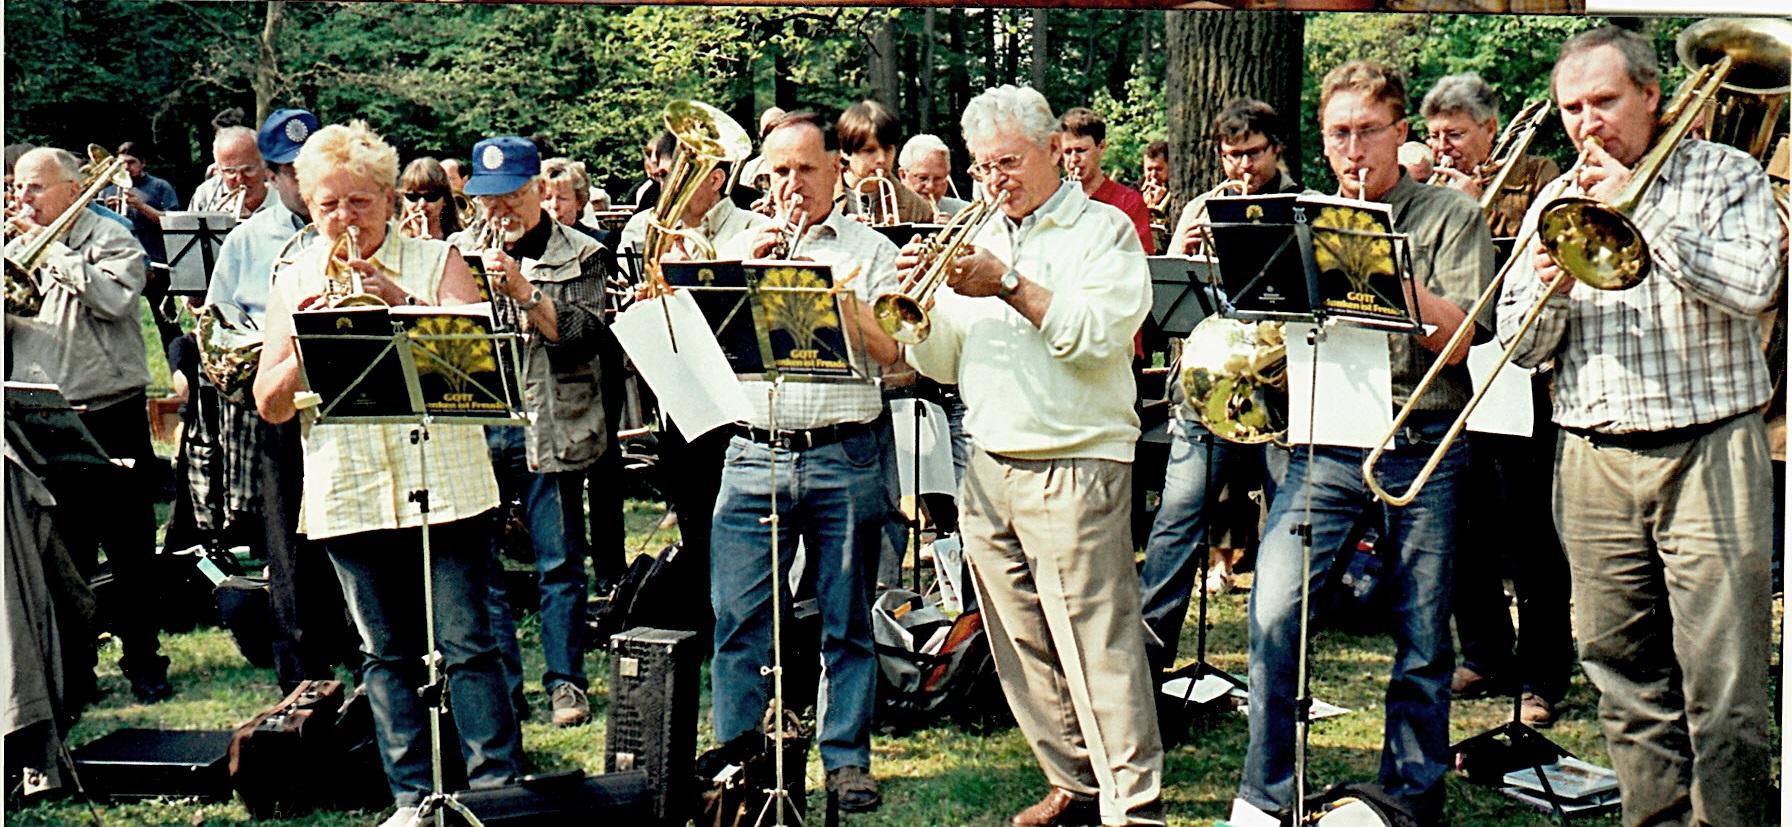 2006: Auftritt der Sächsischen Posaunenmission bei der Landesgartenschau in Oschatz